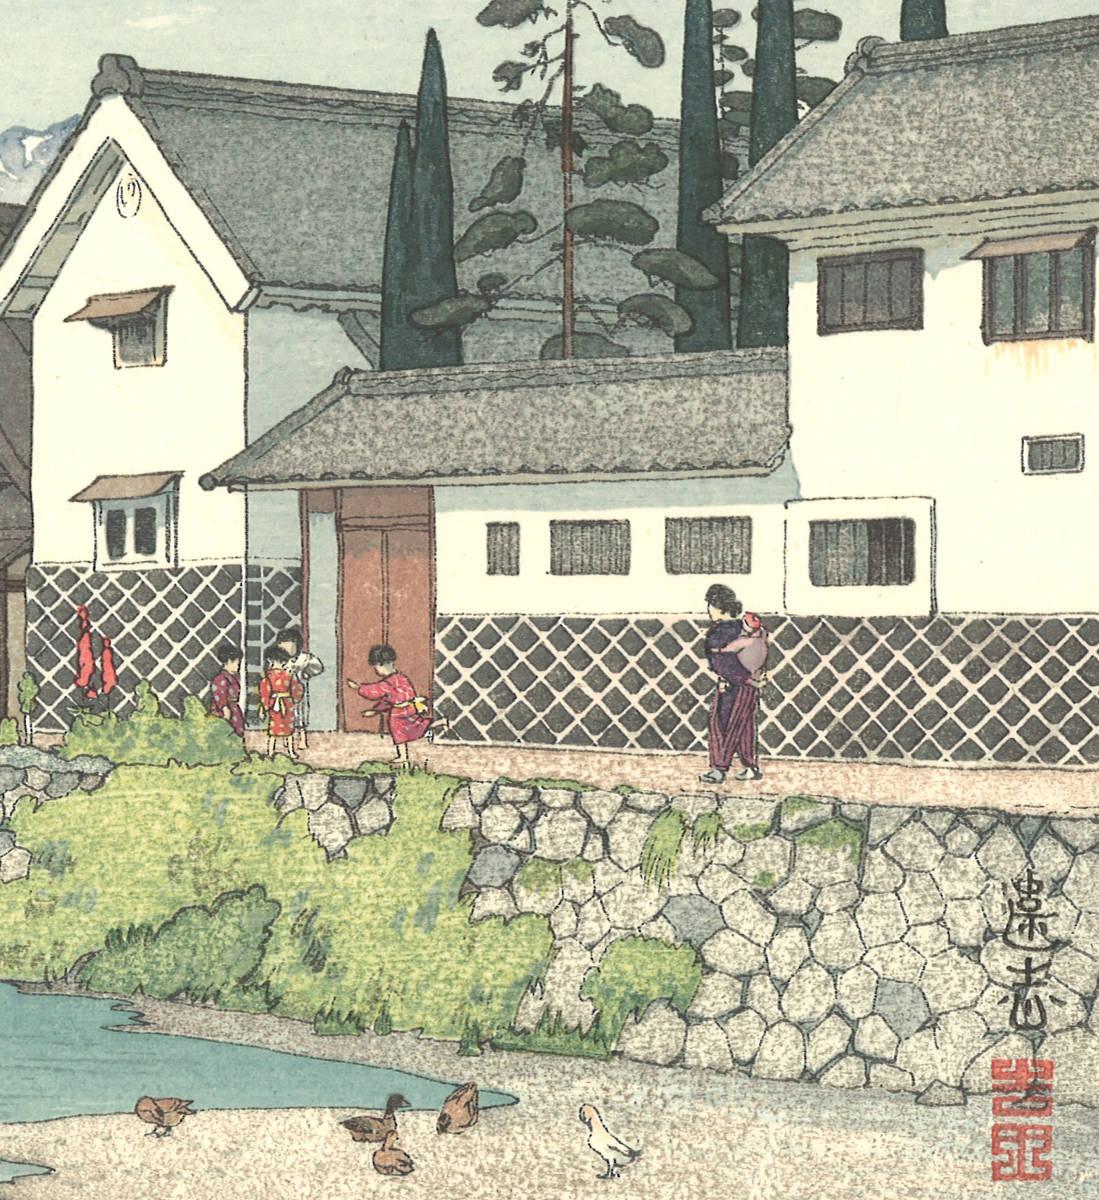 吉田遠志 木版画 014005 松本 (Matsumoto) 初摺1940年  最高峰の摺師の技をご堪能下さい!!_画像10